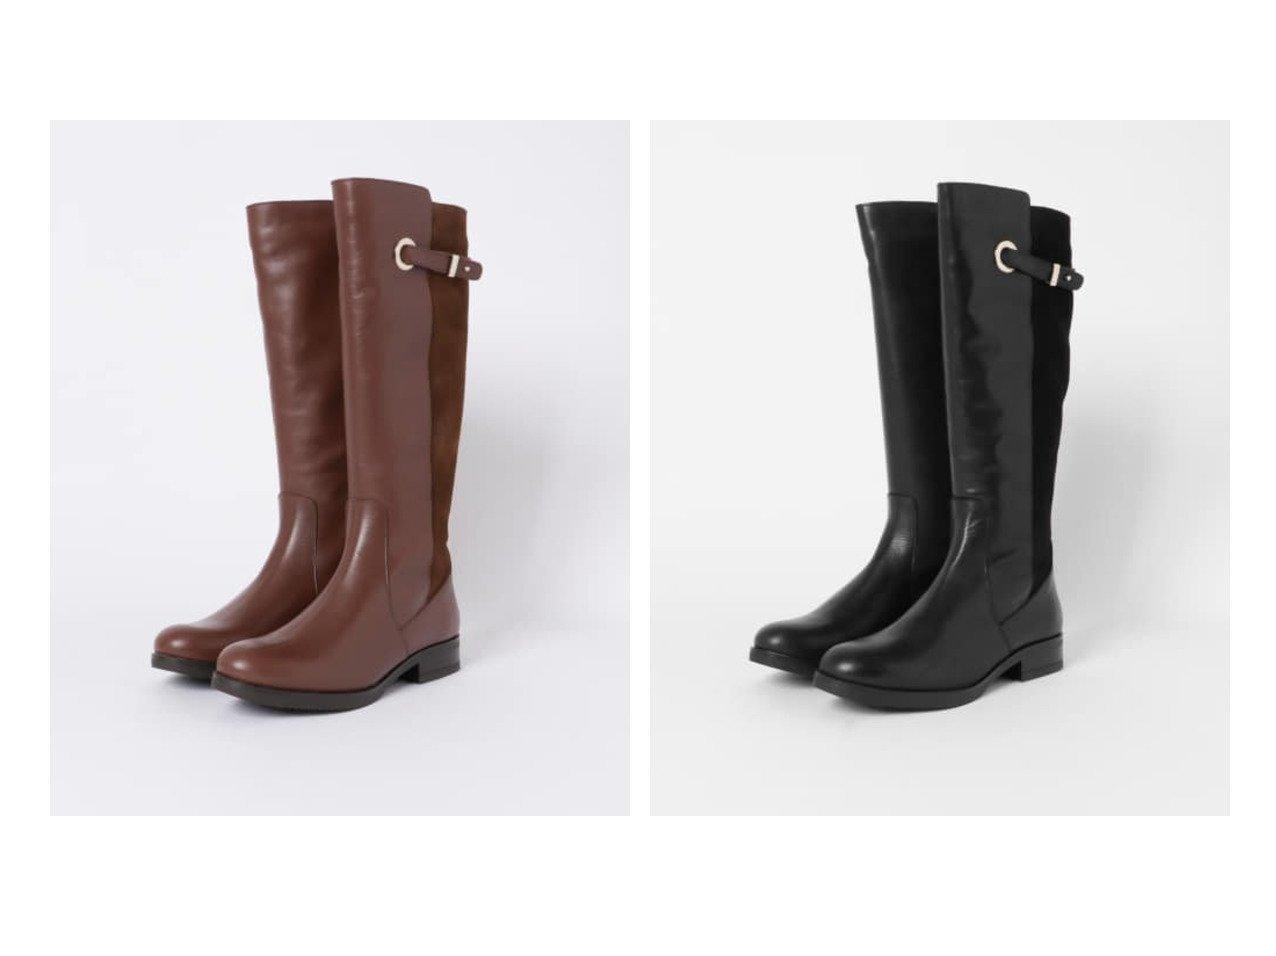 【Sonny Label / URBAN RESEARCH/サニーレーベル】のAmparo Infantes ロングブーツ シューズ・靴のおすすめ!人気、トレンド・レディースファッションの通販 おすすめで人気の流行・トレンド、ファッションの通販商品 メンズファッション・キッズファッション・インテリア・家具・レディースファッション・服の通販 founy(ファニー) https://founy.com/ ファッション Fashion レディースファッション WOMEN シューズ スエード ファブリック ロング |ID:crp329100000015325